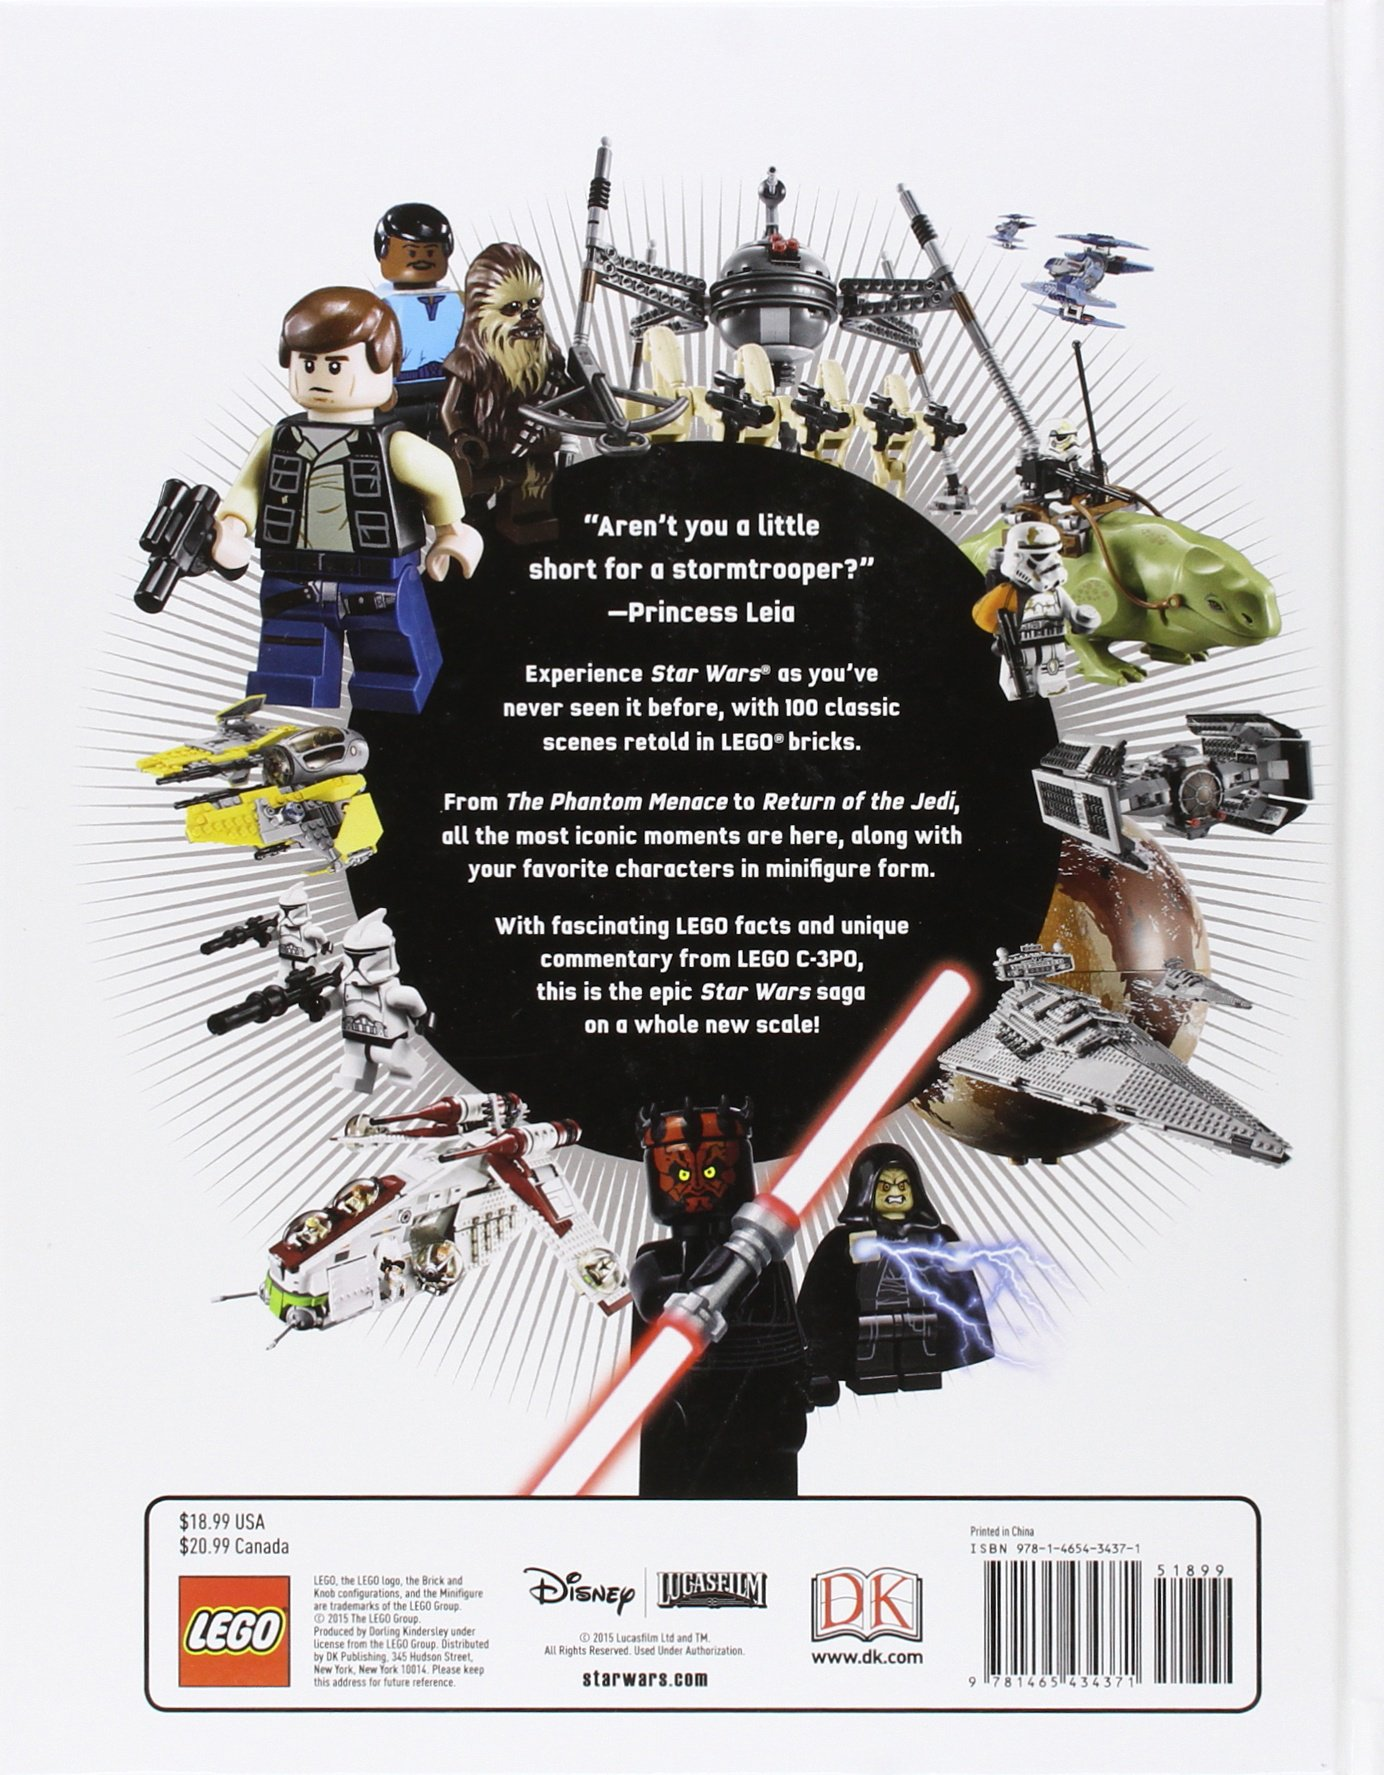 LEGO Star Wars in 100 Scenes: Daniel Lipkowitz: 0790778034375 ...